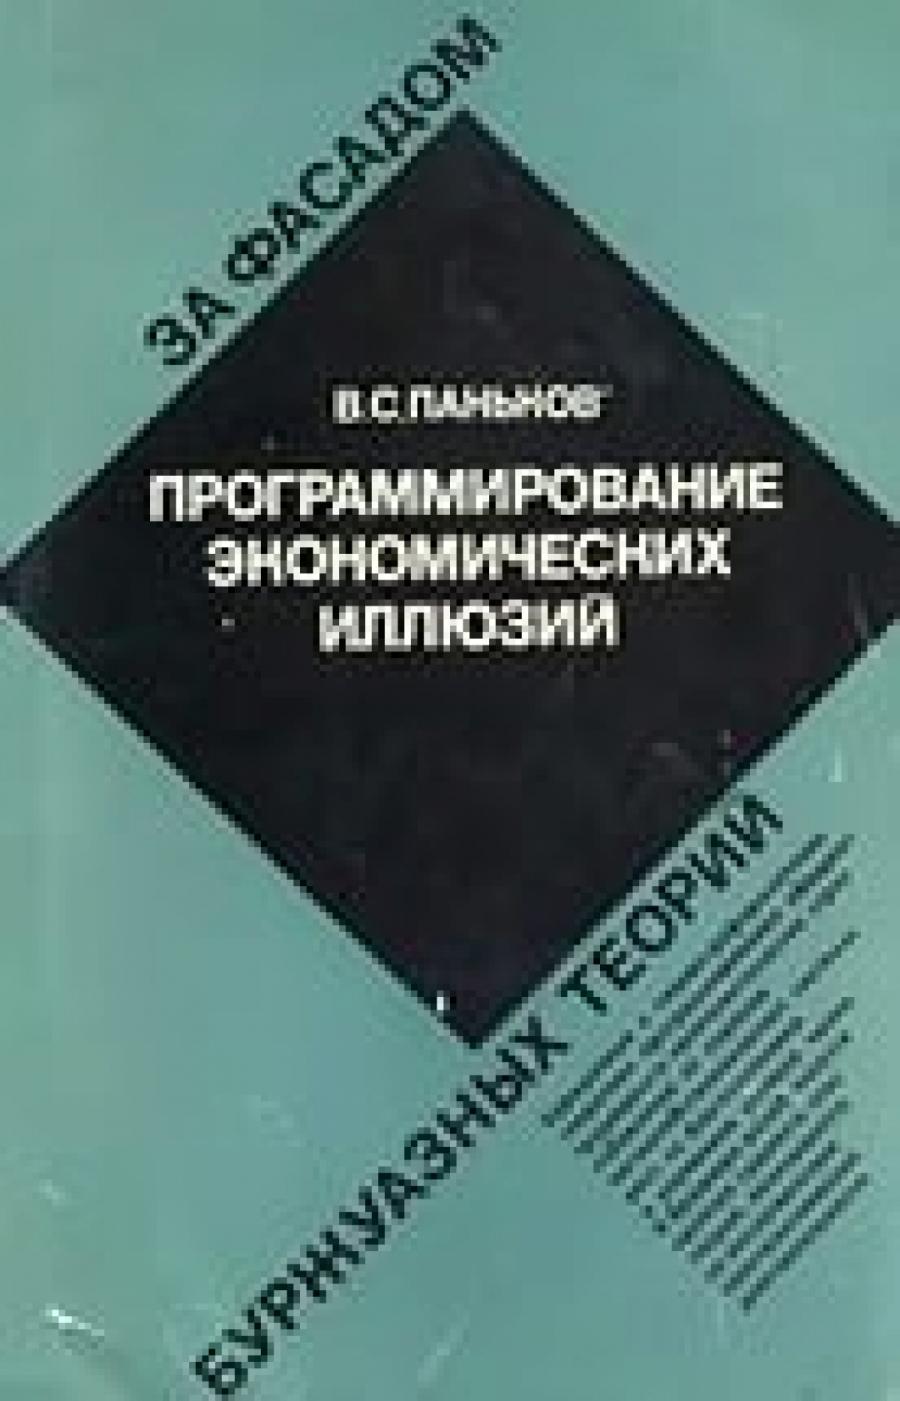 Обложка книги:  паньков владимир степанович - программирование экономических иллюзий